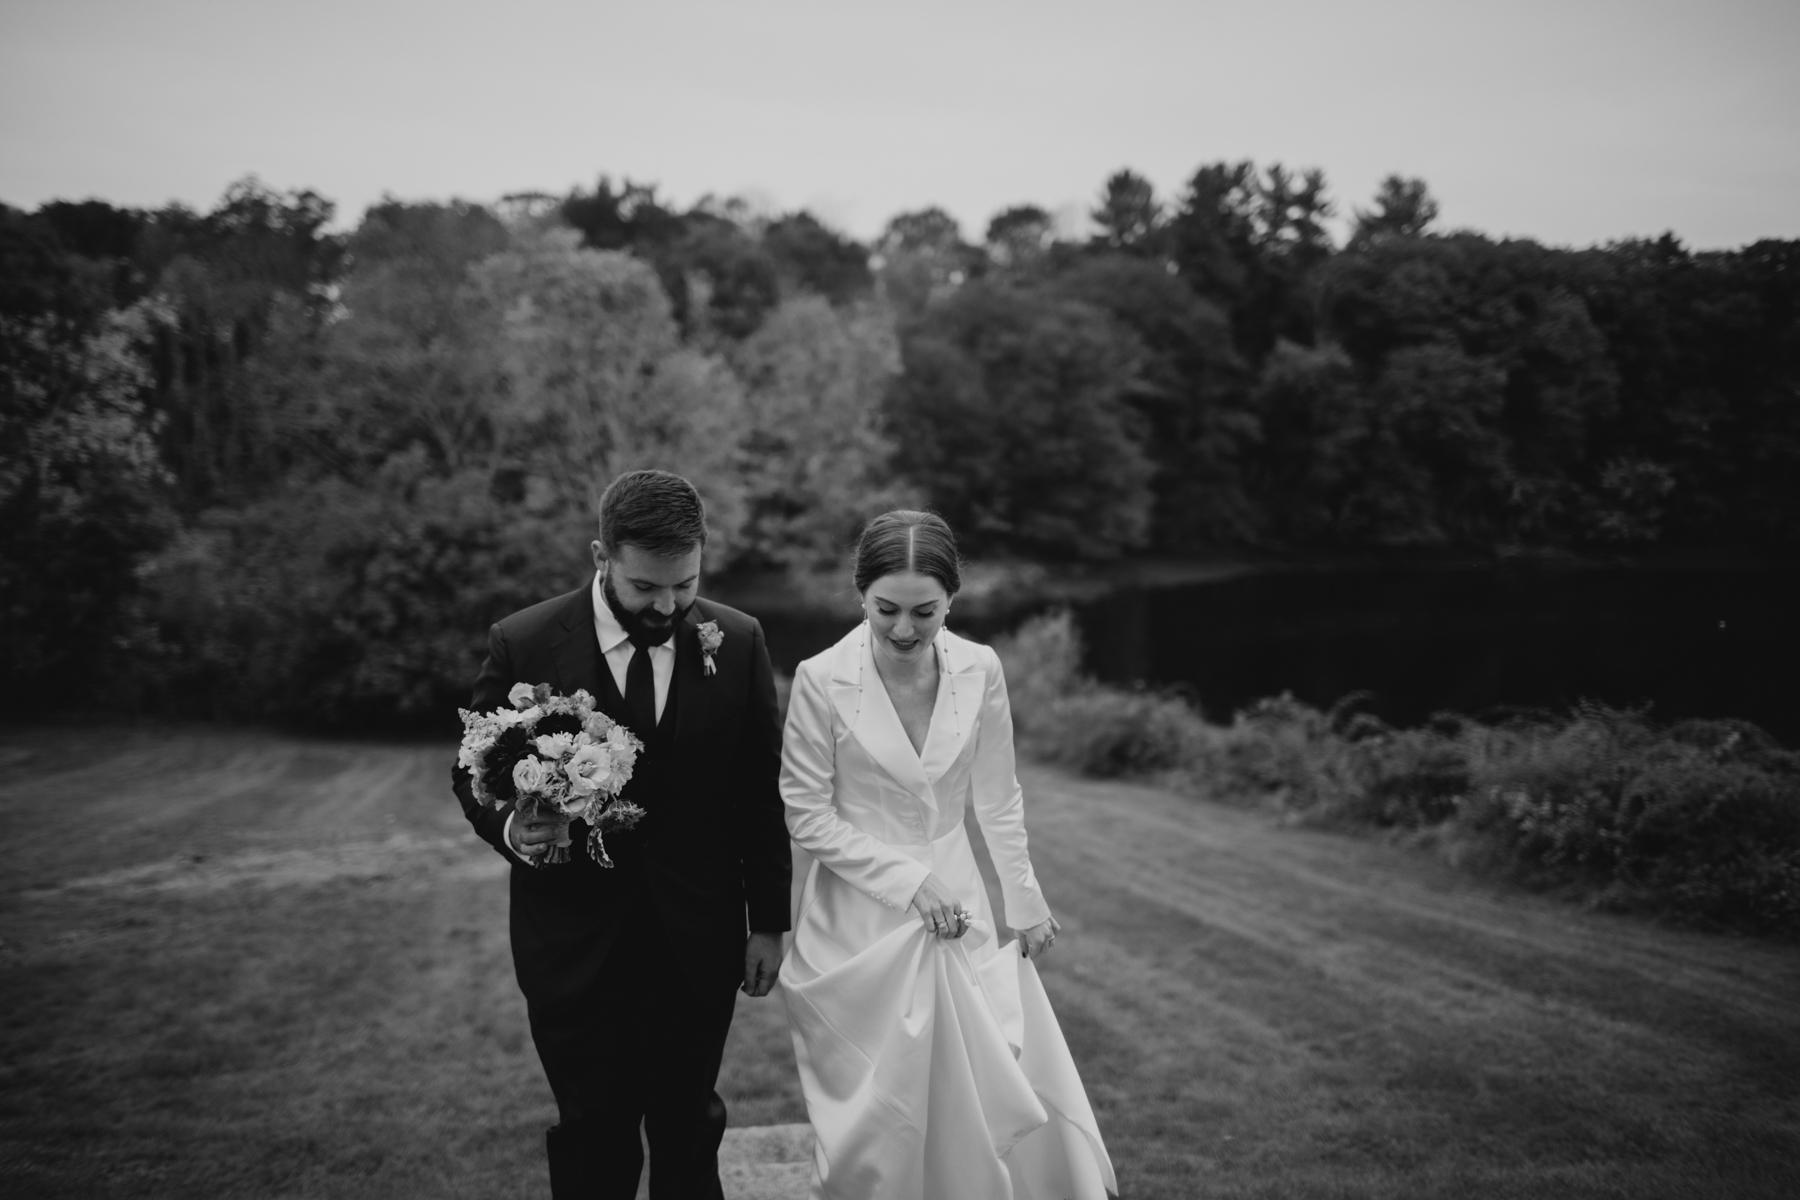 Hamilton_House_wedding_maine_Leah_Fisher_Photography-25.jpg